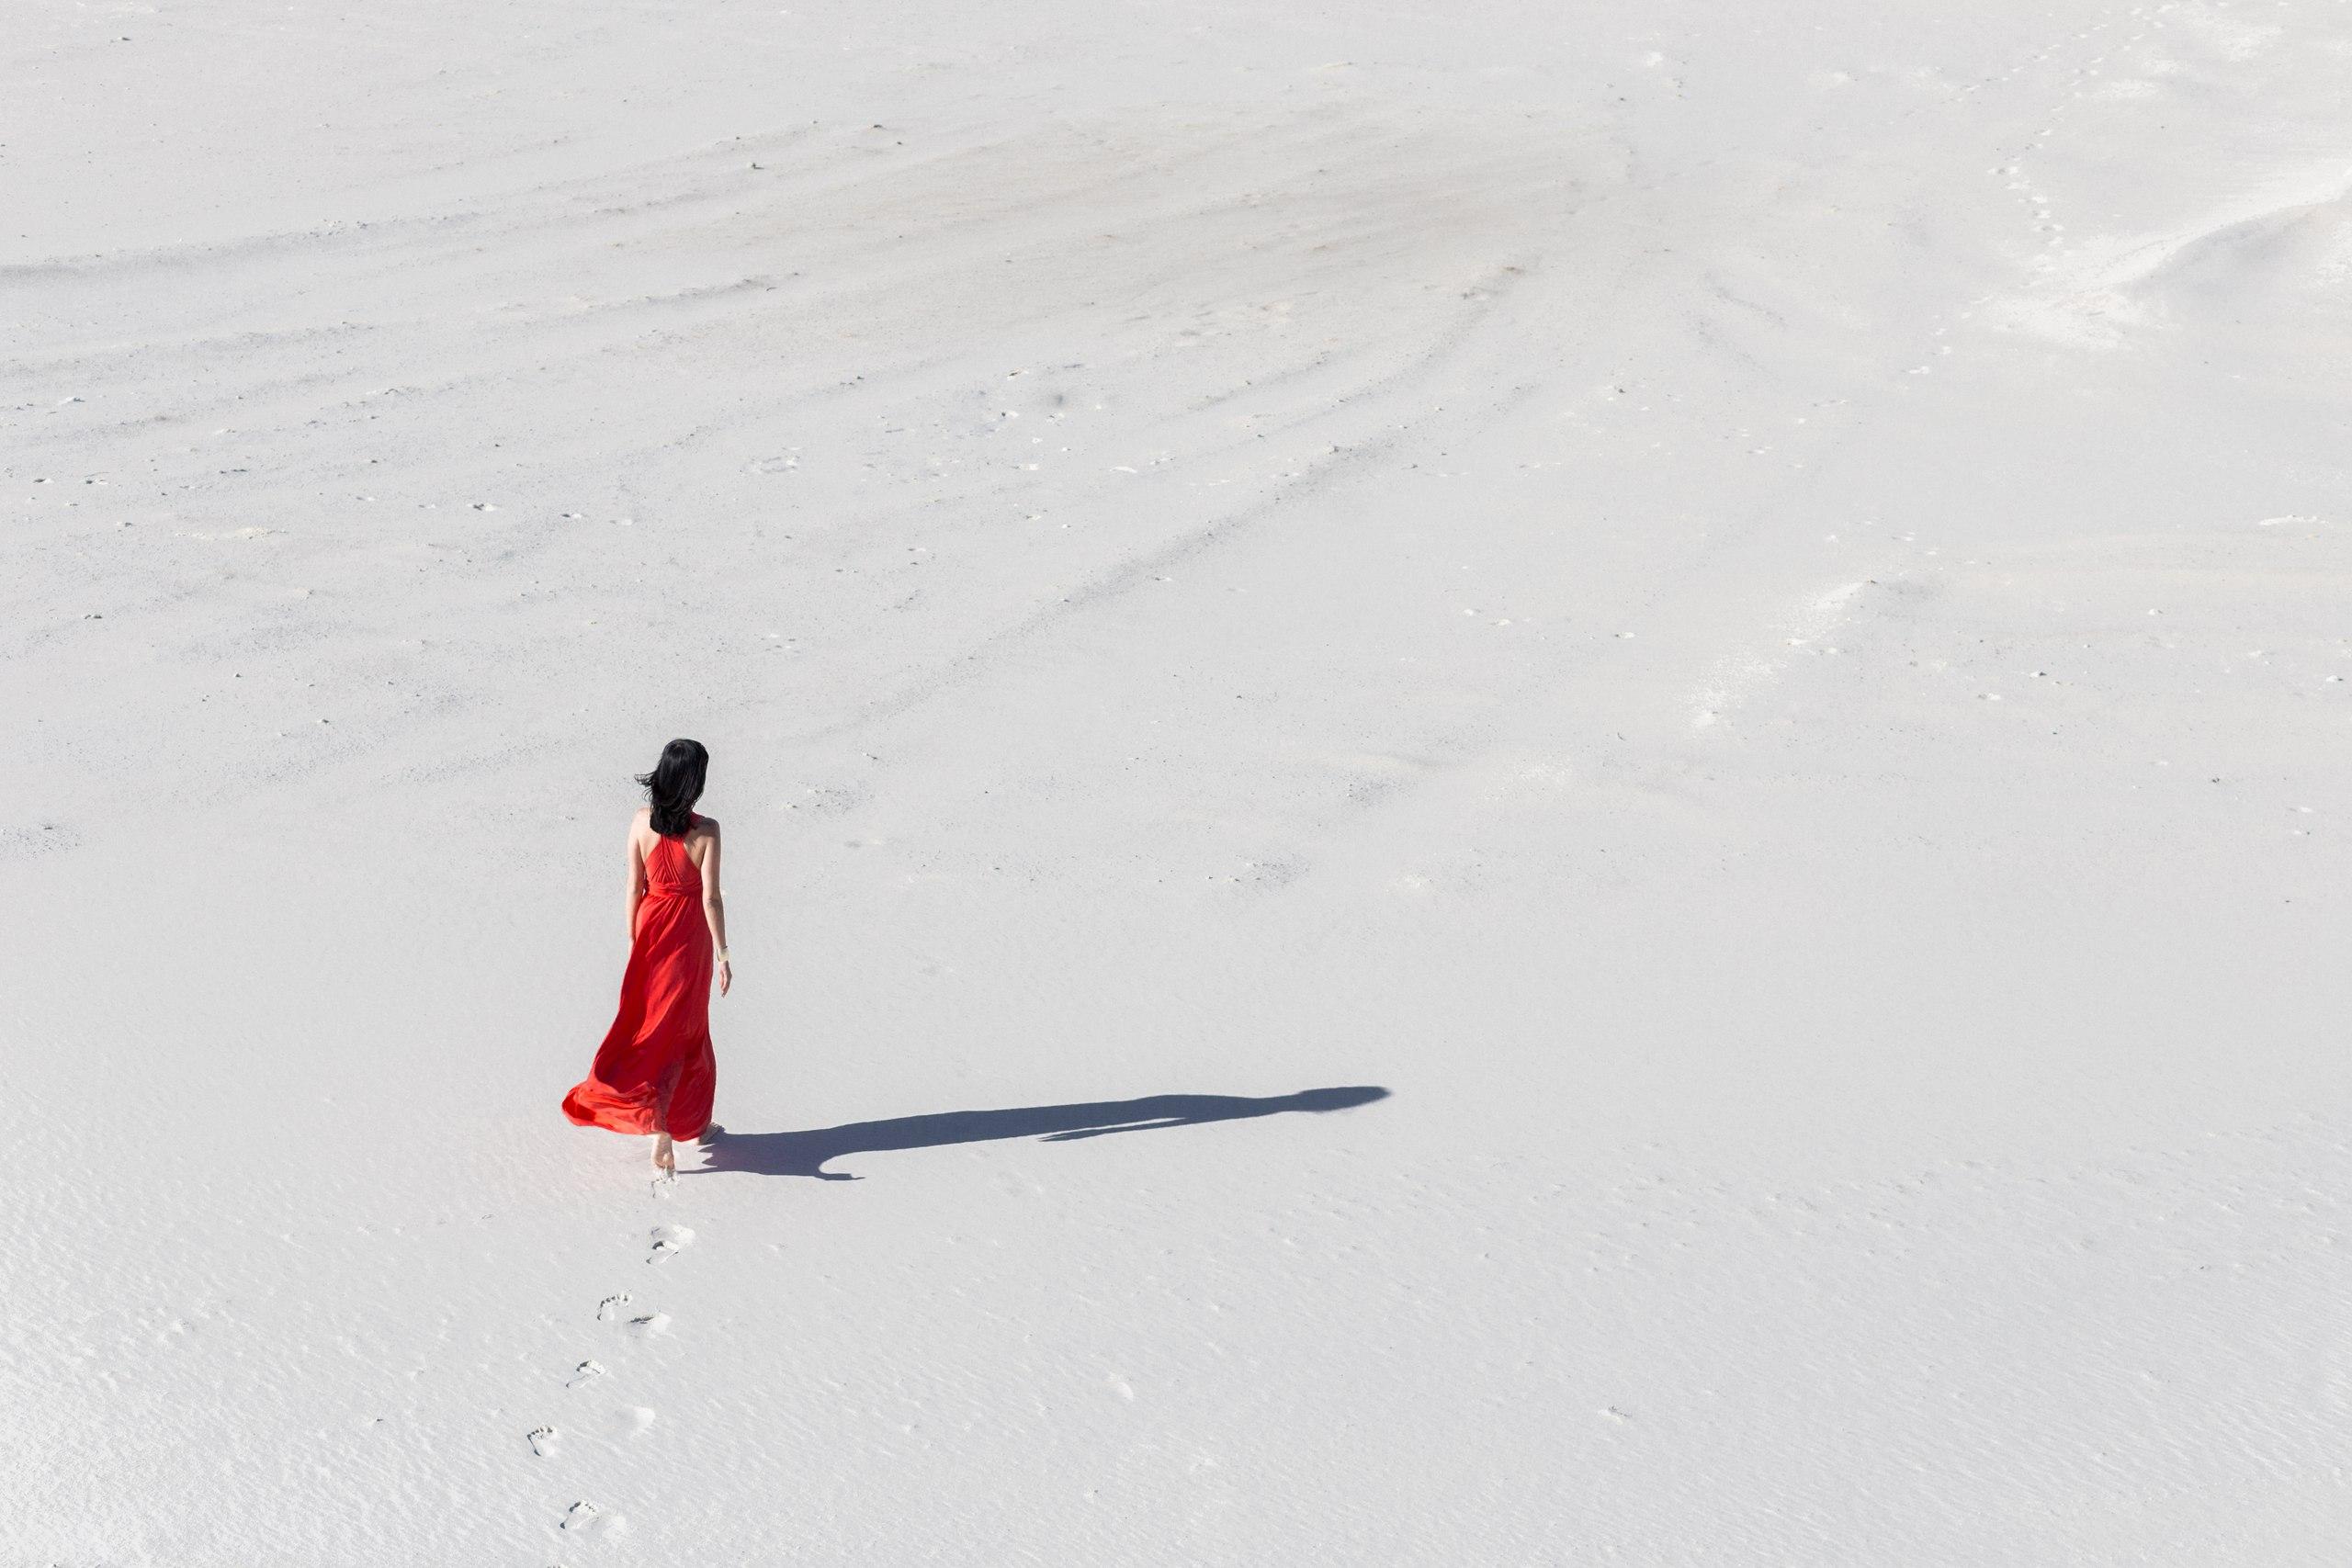 этот человек идущий по снегу картинки весёлое